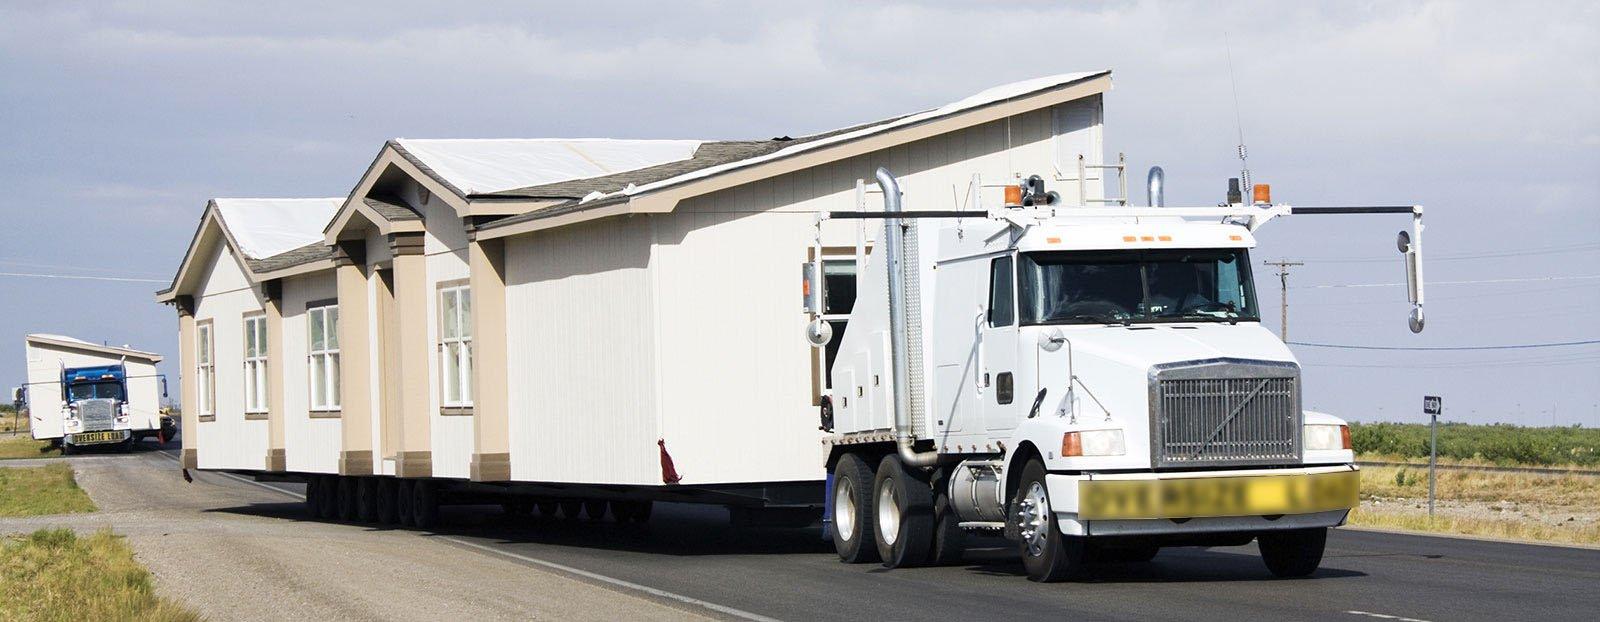 un camion bianco che trasporta una casa